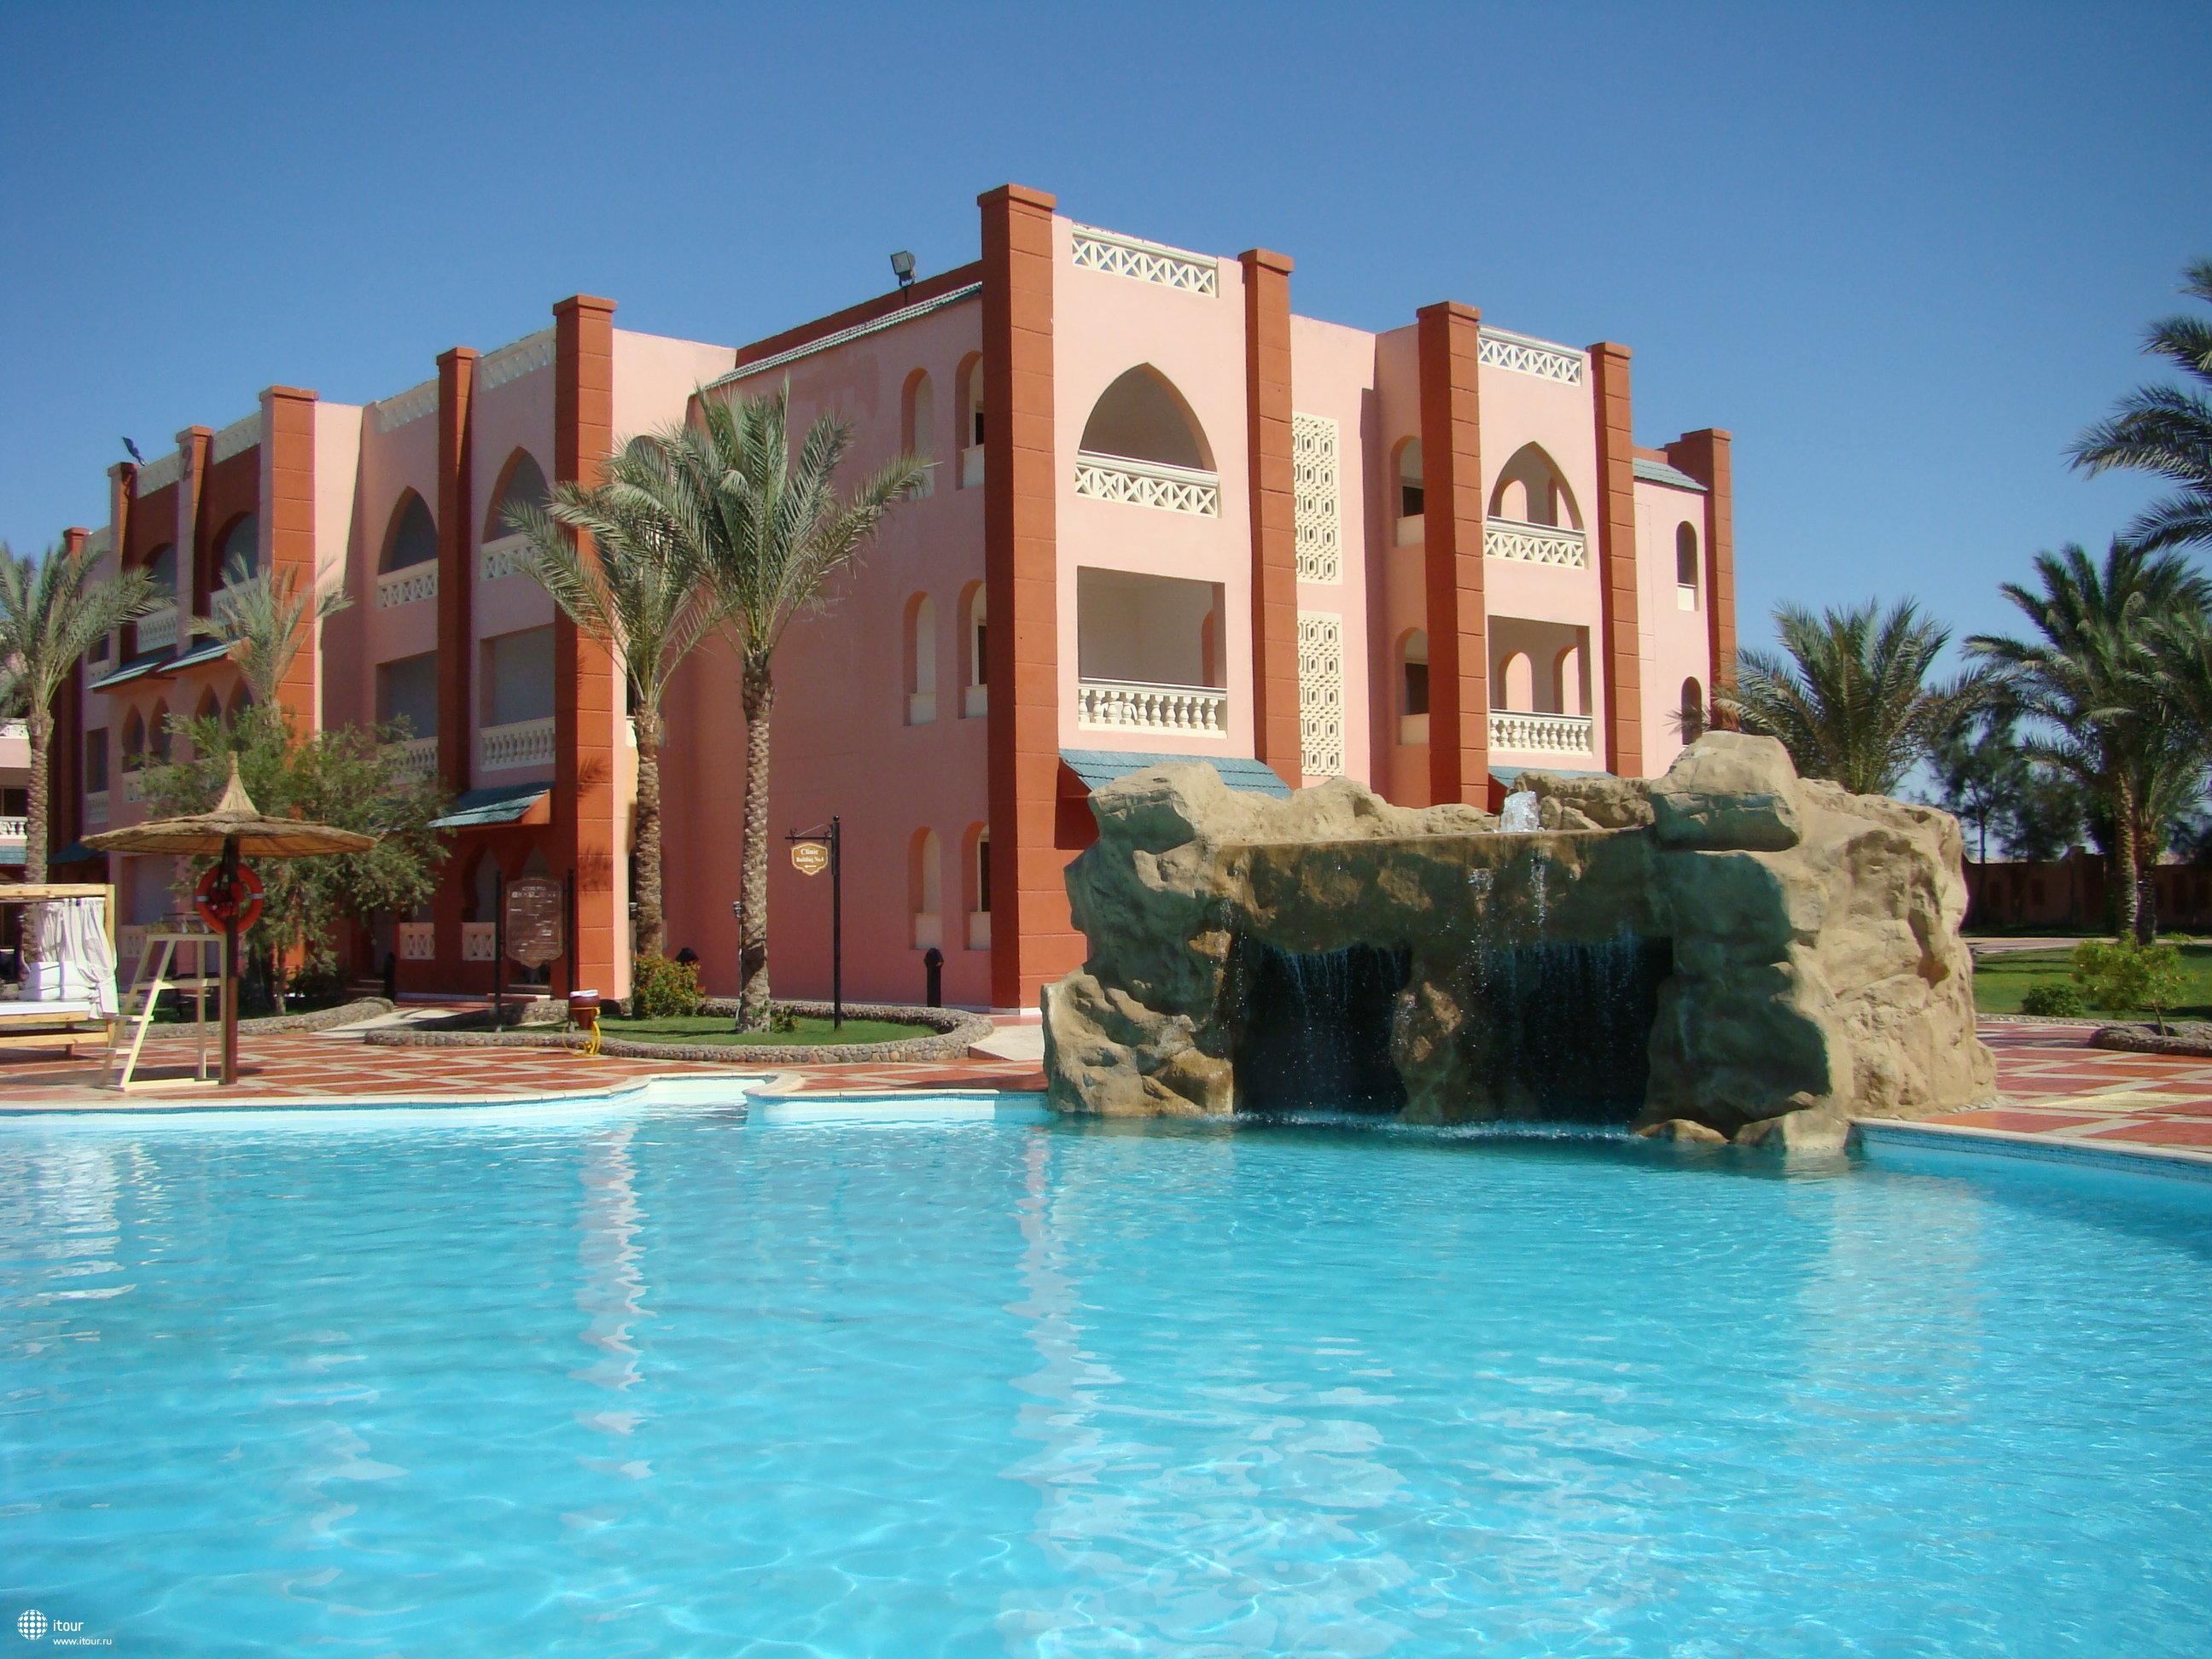 Египет хургада отель альбатрос аква виста фото